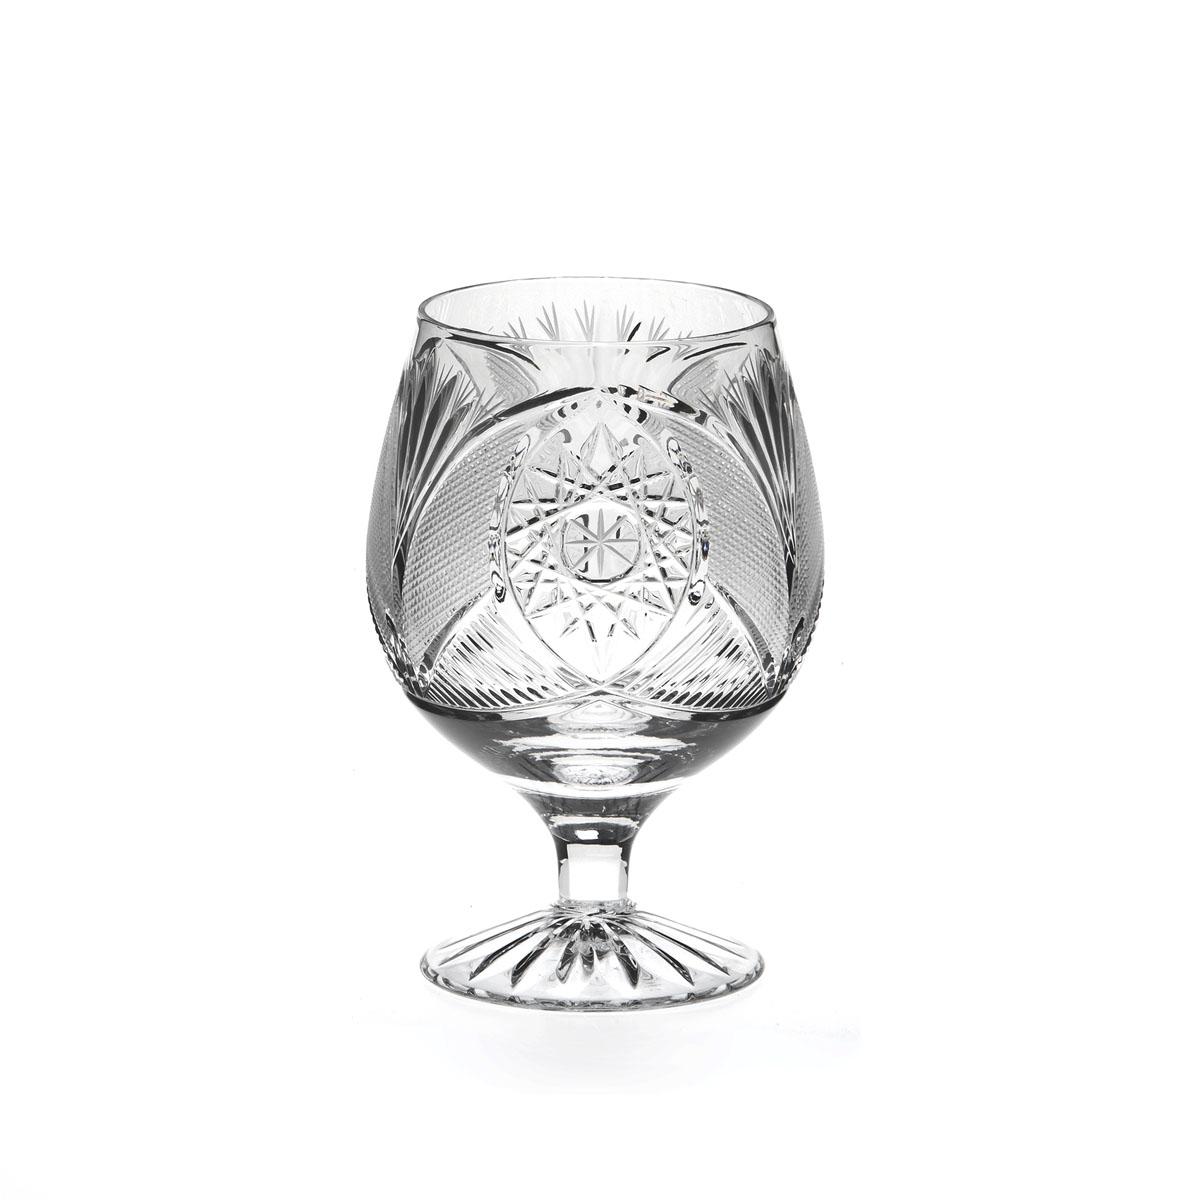 Рюмка Дятьковский хрусталь Совмин, 100 мл. С318/4С318/4Хрустальные рюмки - пожалуй самая необходимая и прывичная часть посуды в каждом русском доме. Это посуда сугубо для алкогольных напитков. Вообще существует закономерность - чем крепче спиртной напиток, тем меньше объем рюмки, бокала или стопки. Хрустальные рюмки для водки - самые маленькие, а хрустальный рюмки для ликеров, коктейлей и вина - обычно больше.